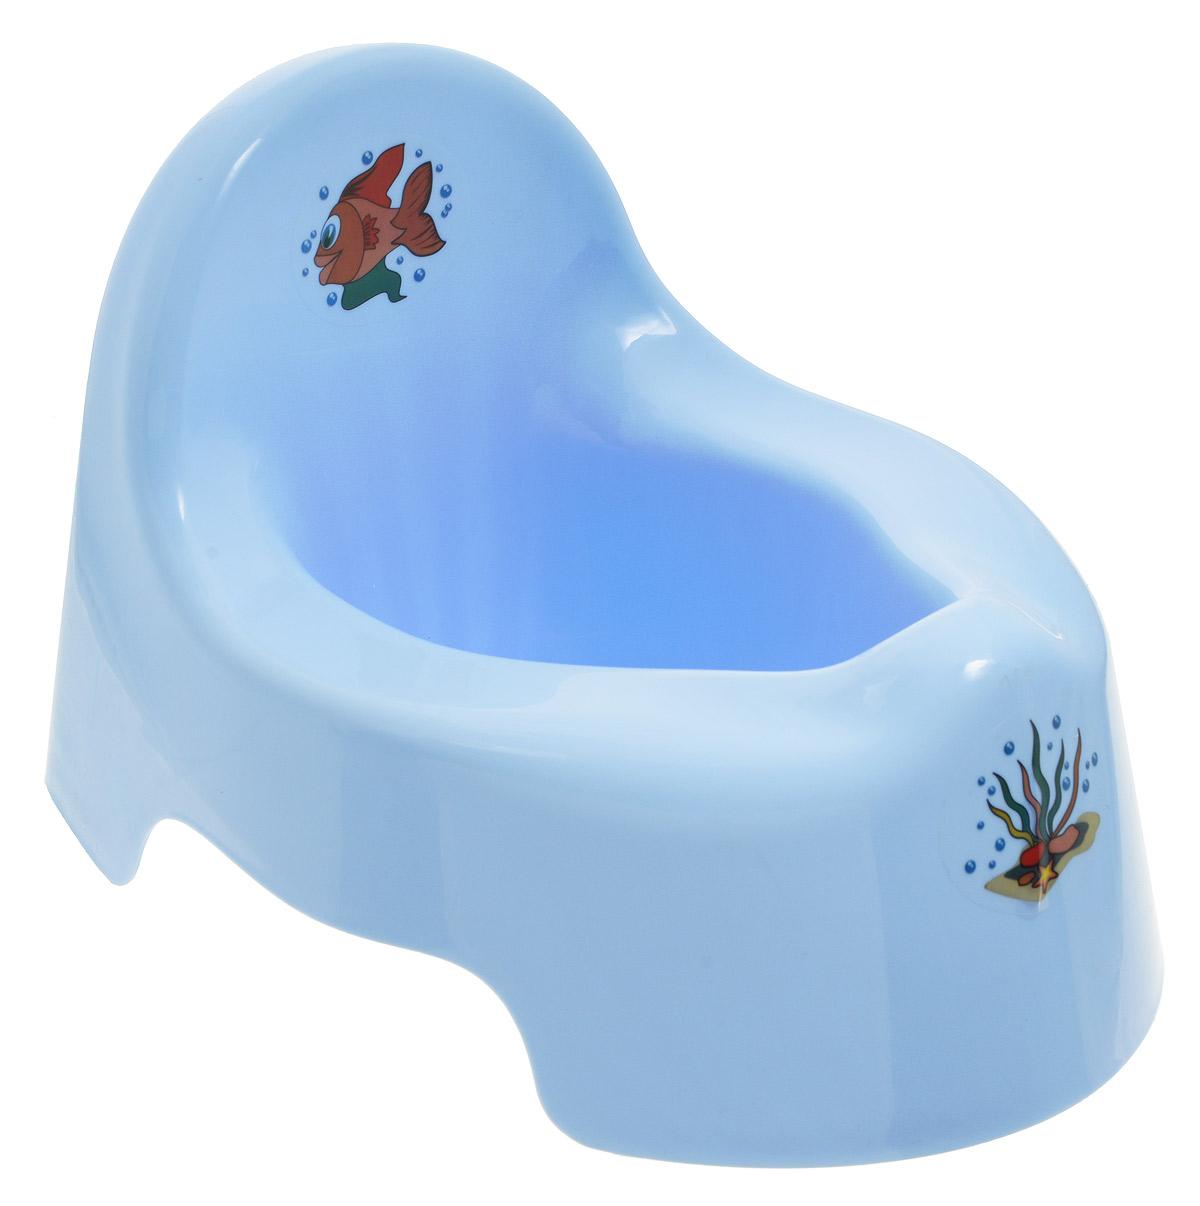 Idea Горшок детский цвет голубой